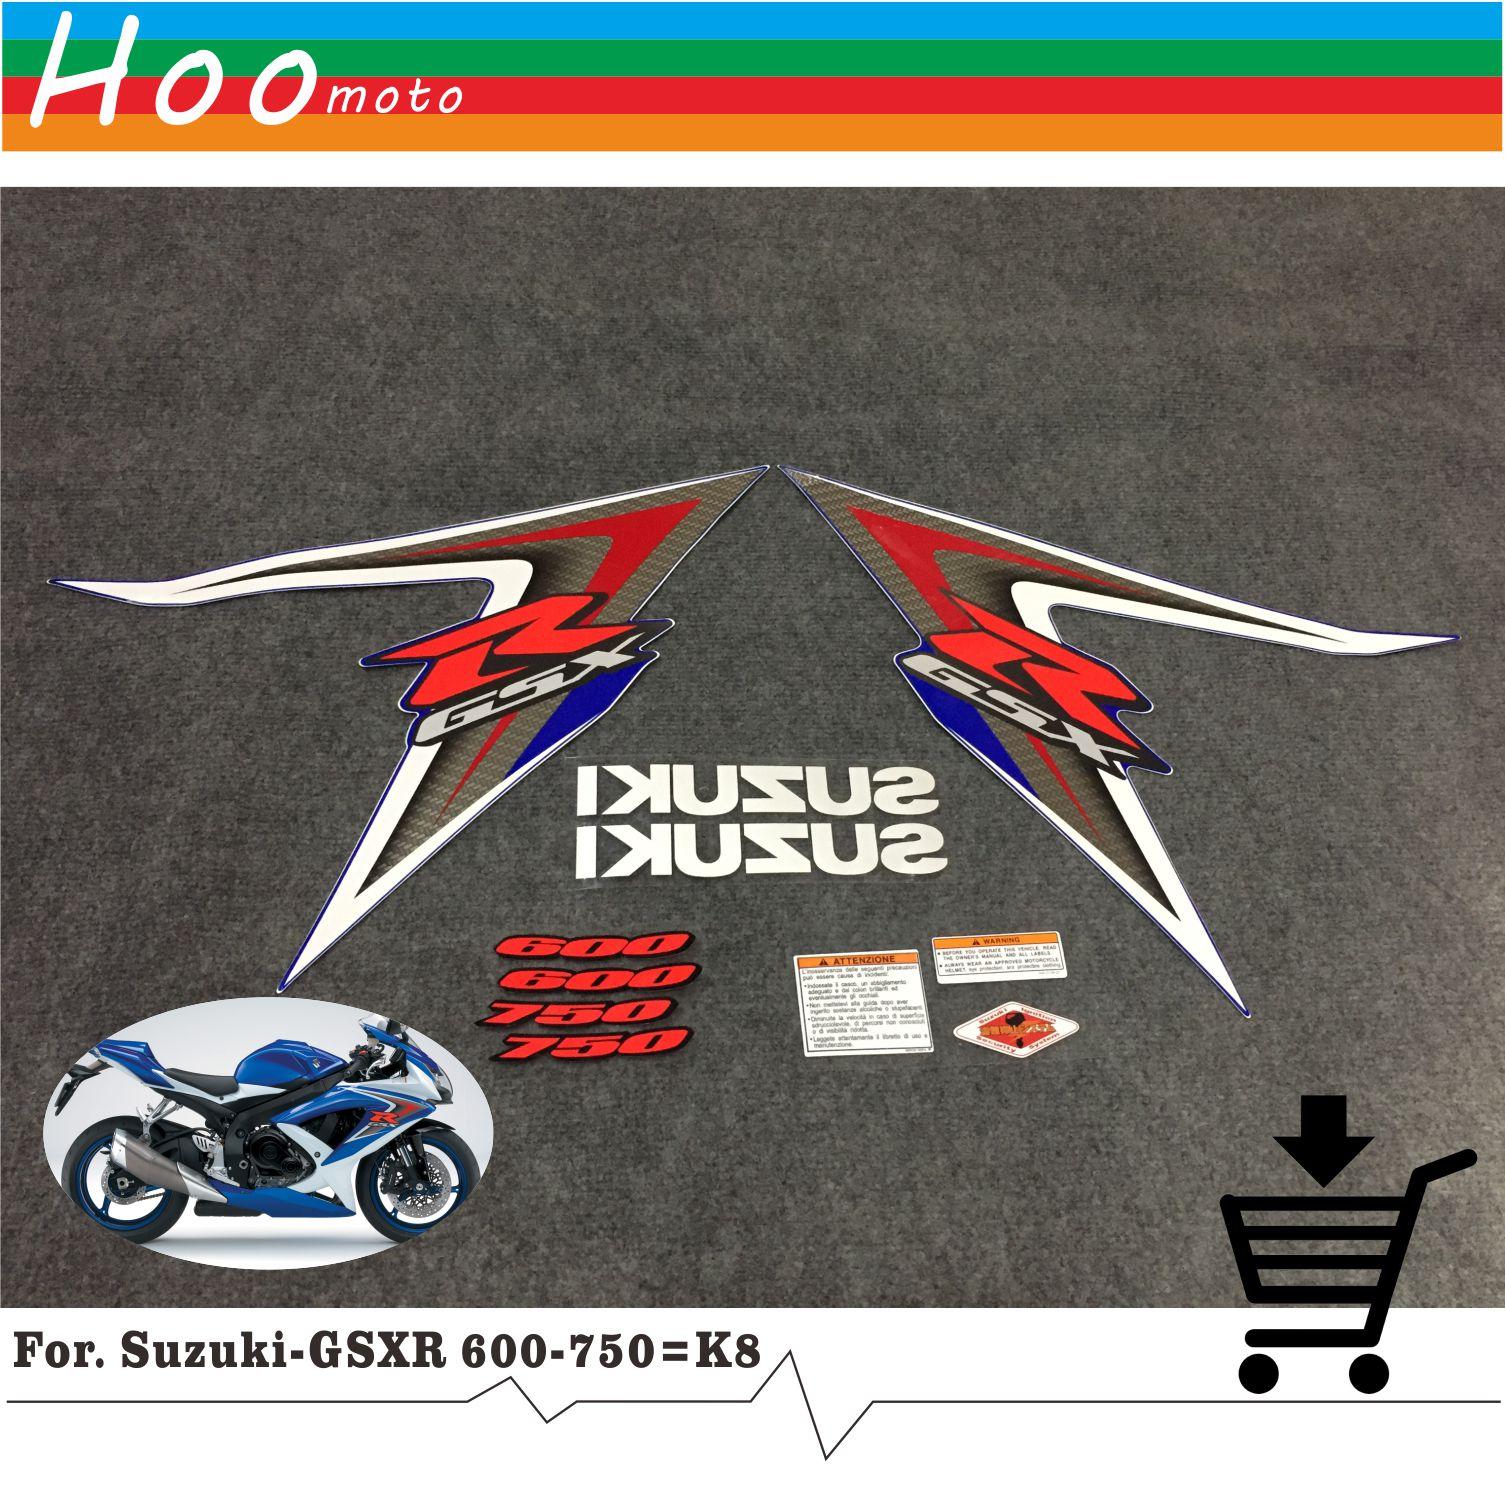 GSXR GSX-R GSX R 600 750 K8 2008 High Quality Decals Sticker Motorcycle Car-styling Stickers for Suzuki Decals Sticker MOTO<br>